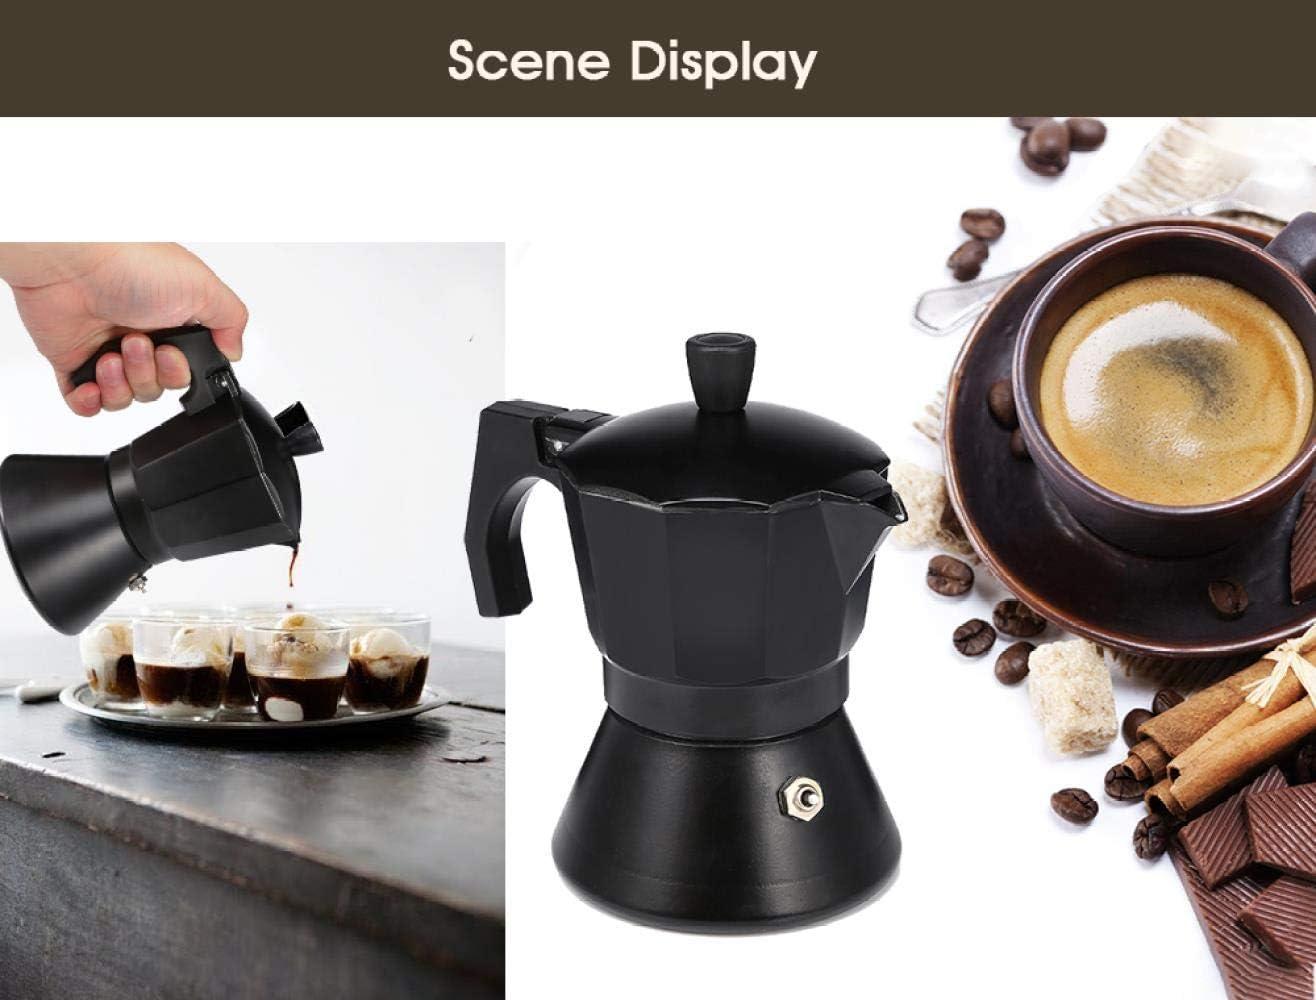 Hokaime Cafetera de Aluminio para café exprés Estufa Cafetera de ...